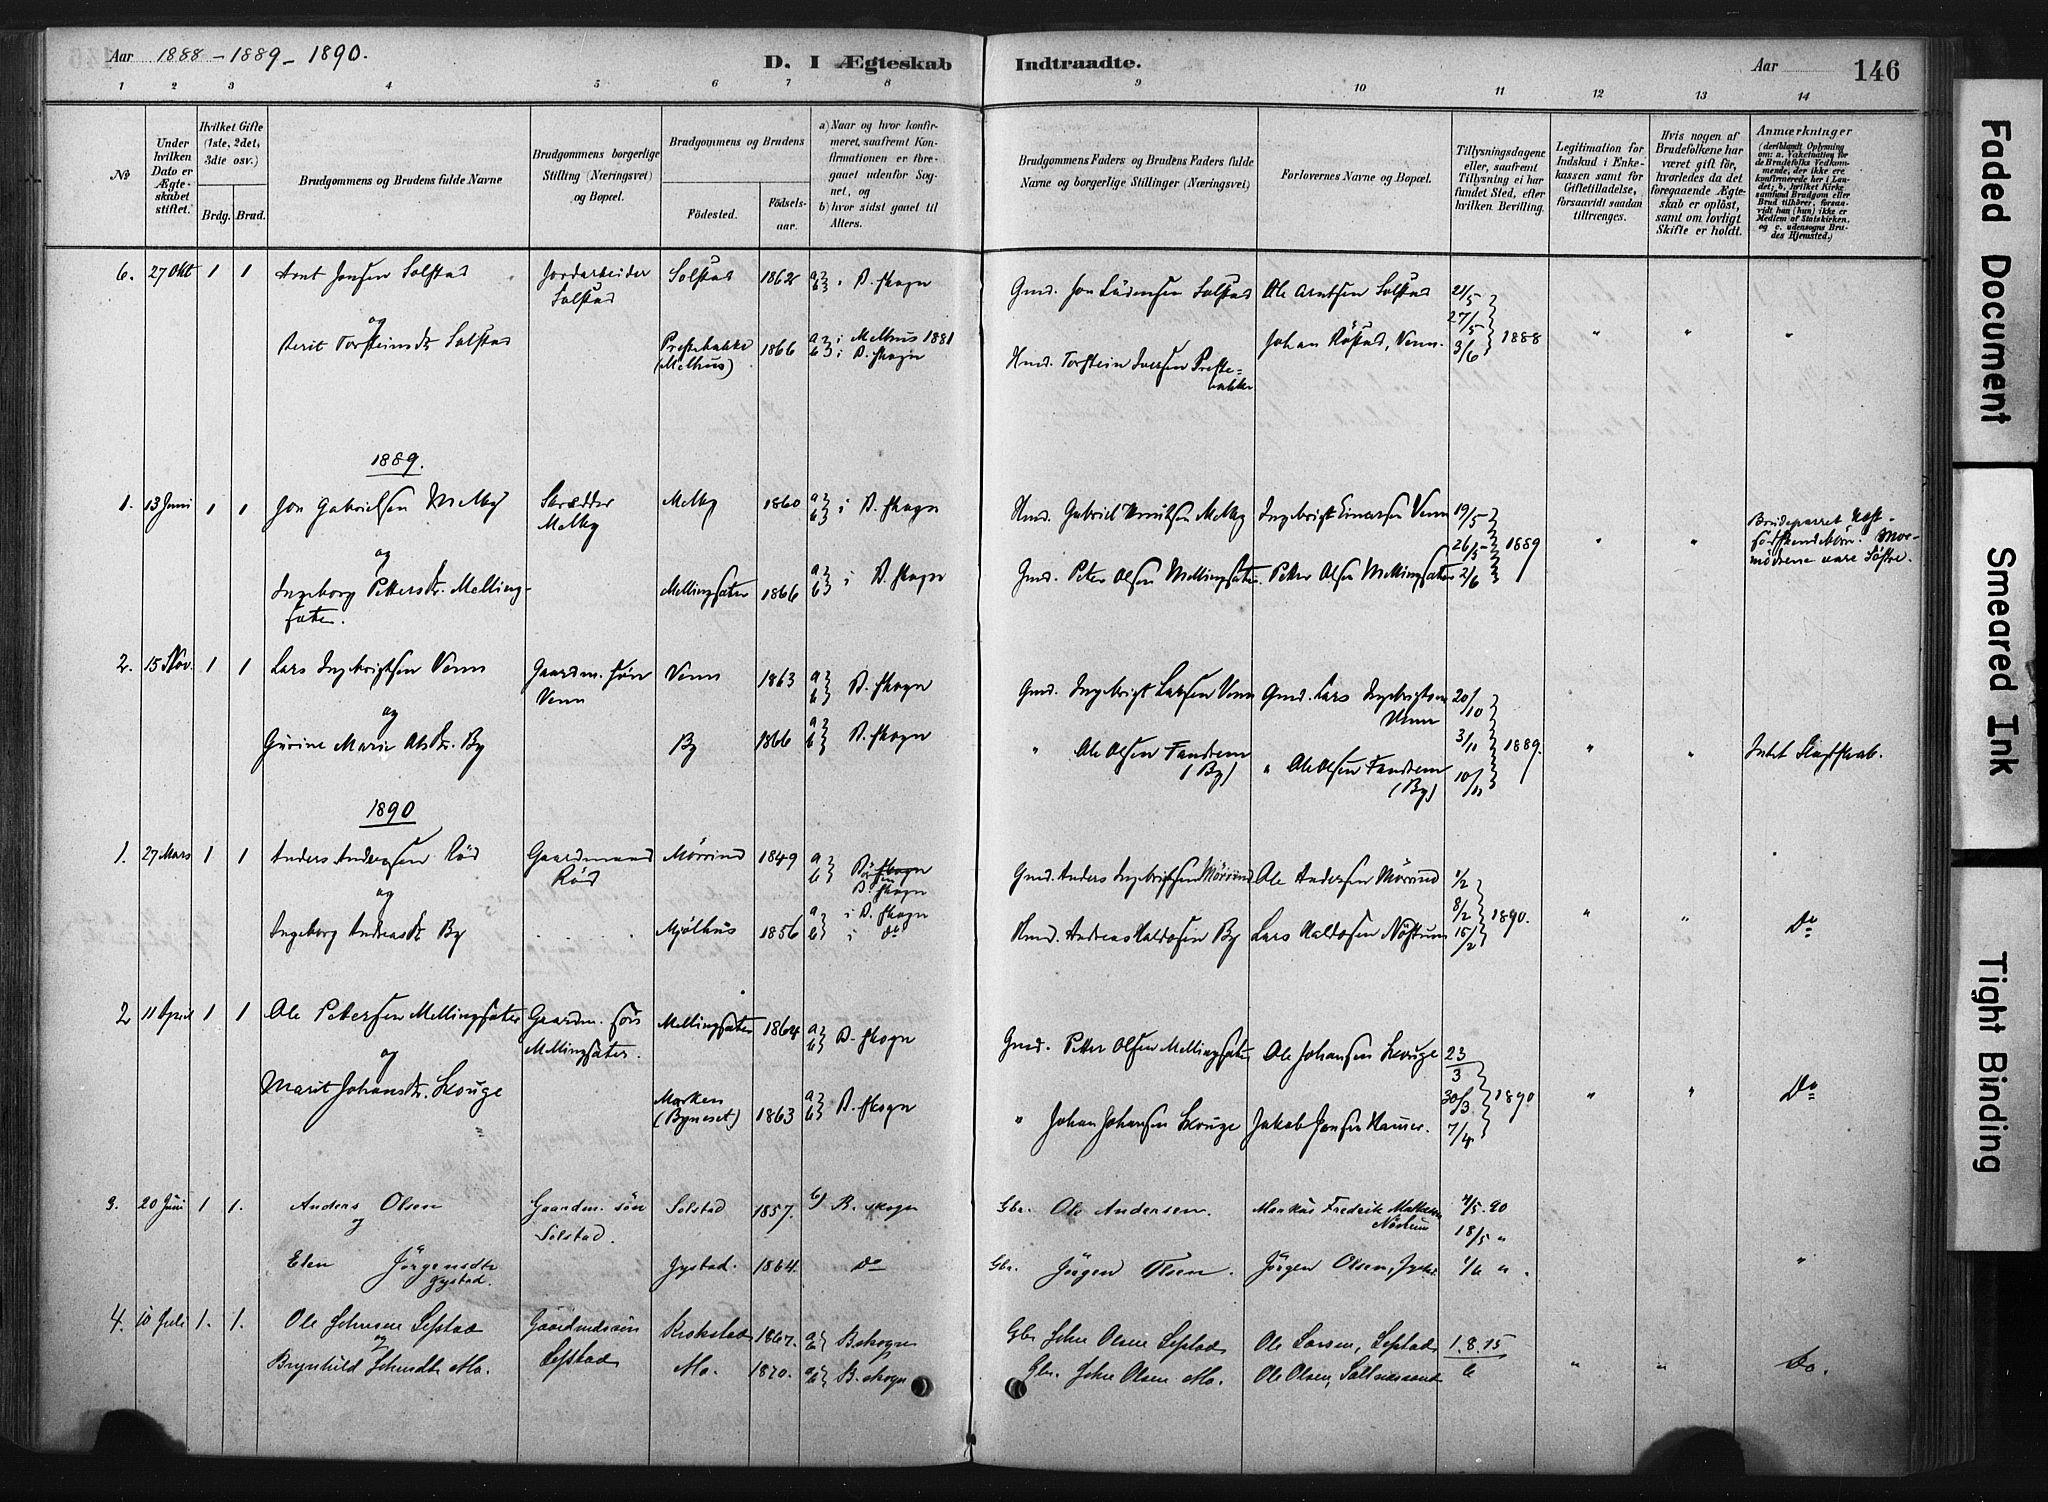 SAT, Ministerialprotokoller, klokkerbøker og fødselsregistre - Sør-Trøndelag, 667/L0795: Ministerialbok nr. 667A03, 1879-1907, s. 146